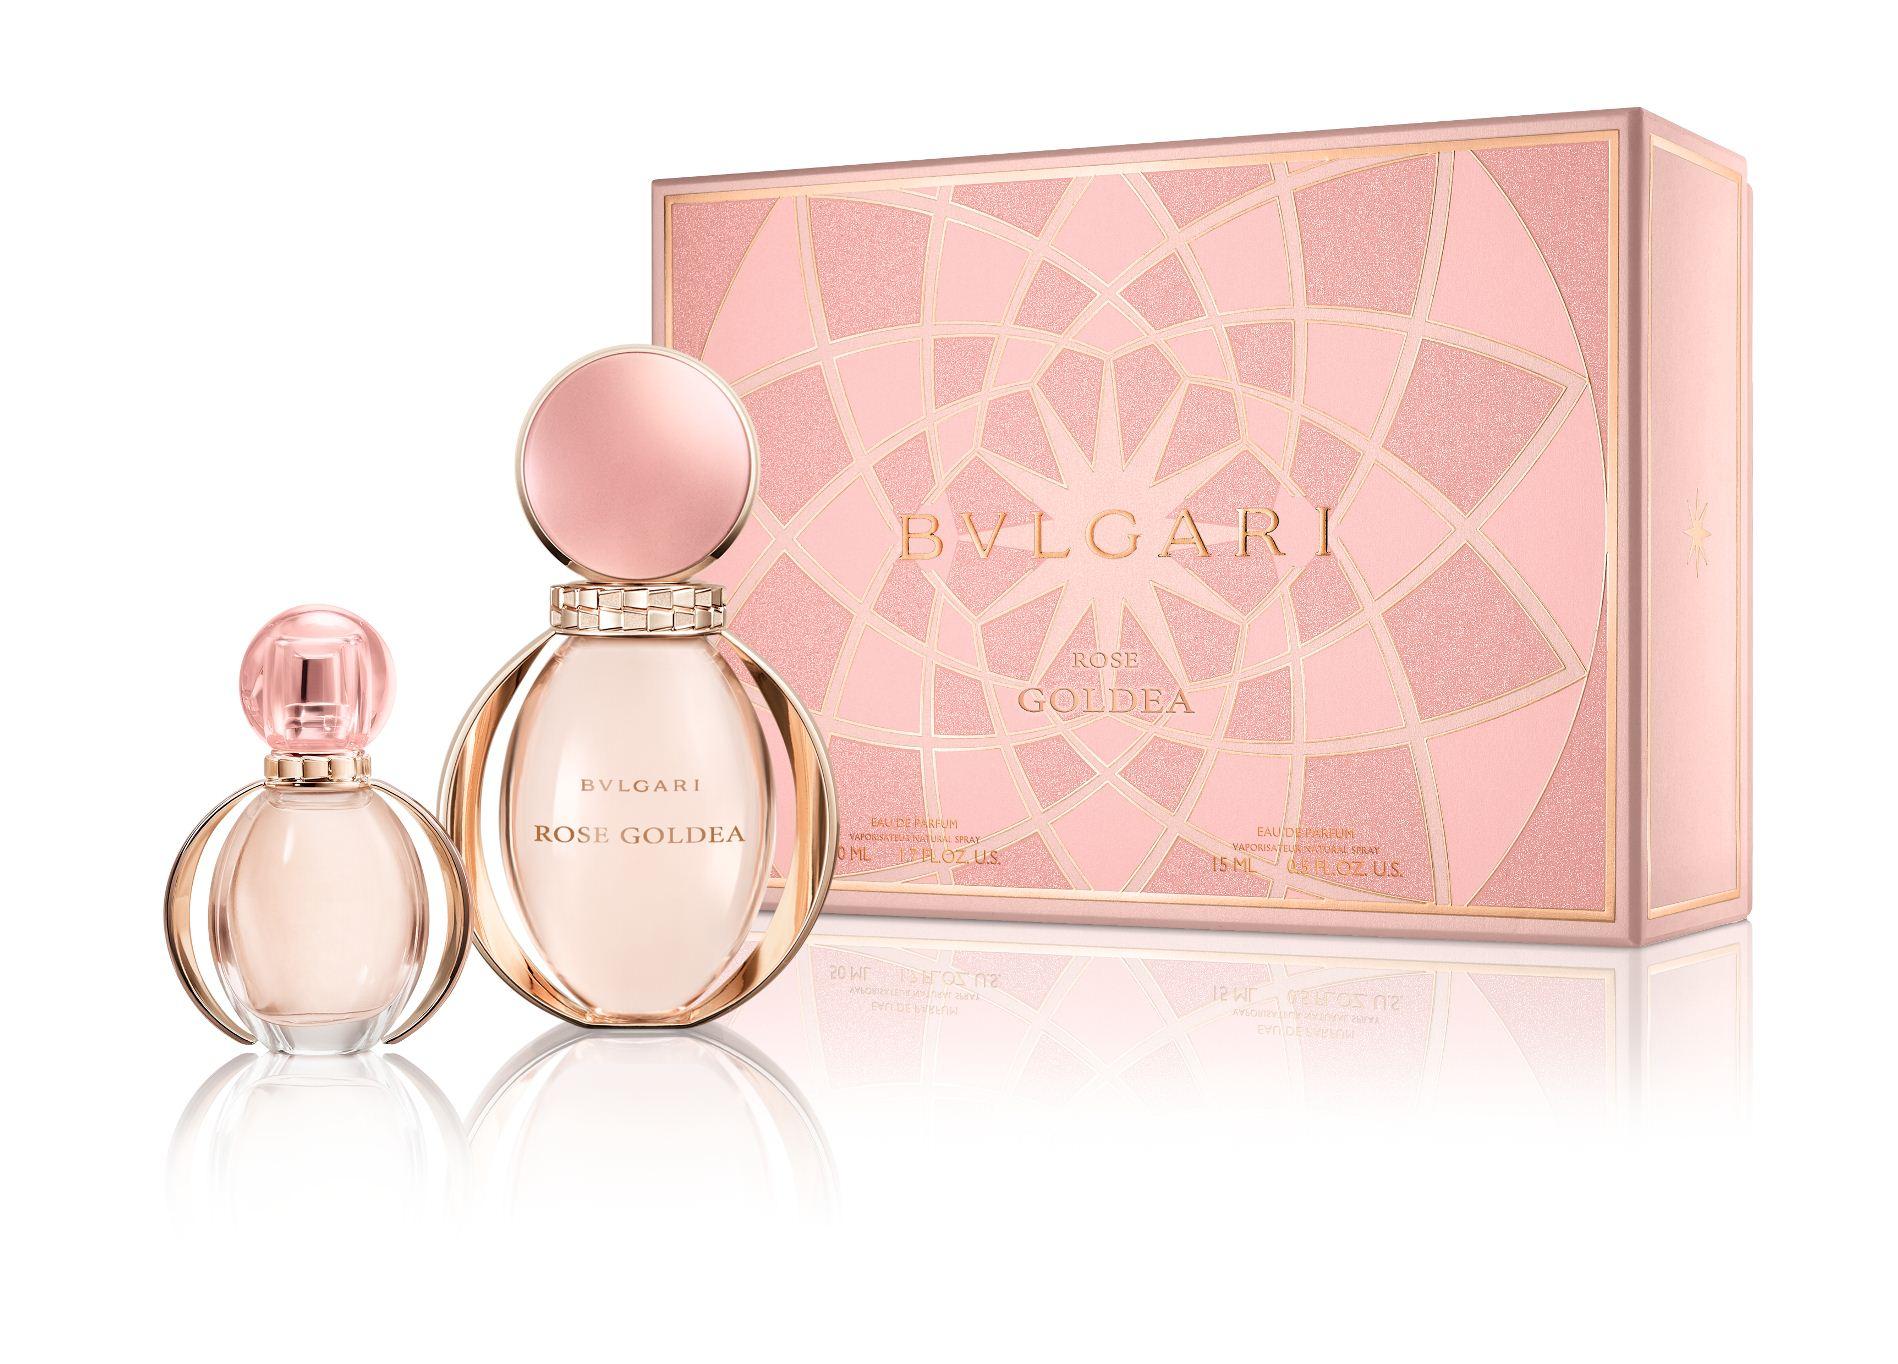 Bvlgari | Rose Goldea Gift Set (EDP50 ML and EDP15 ML)(40112)